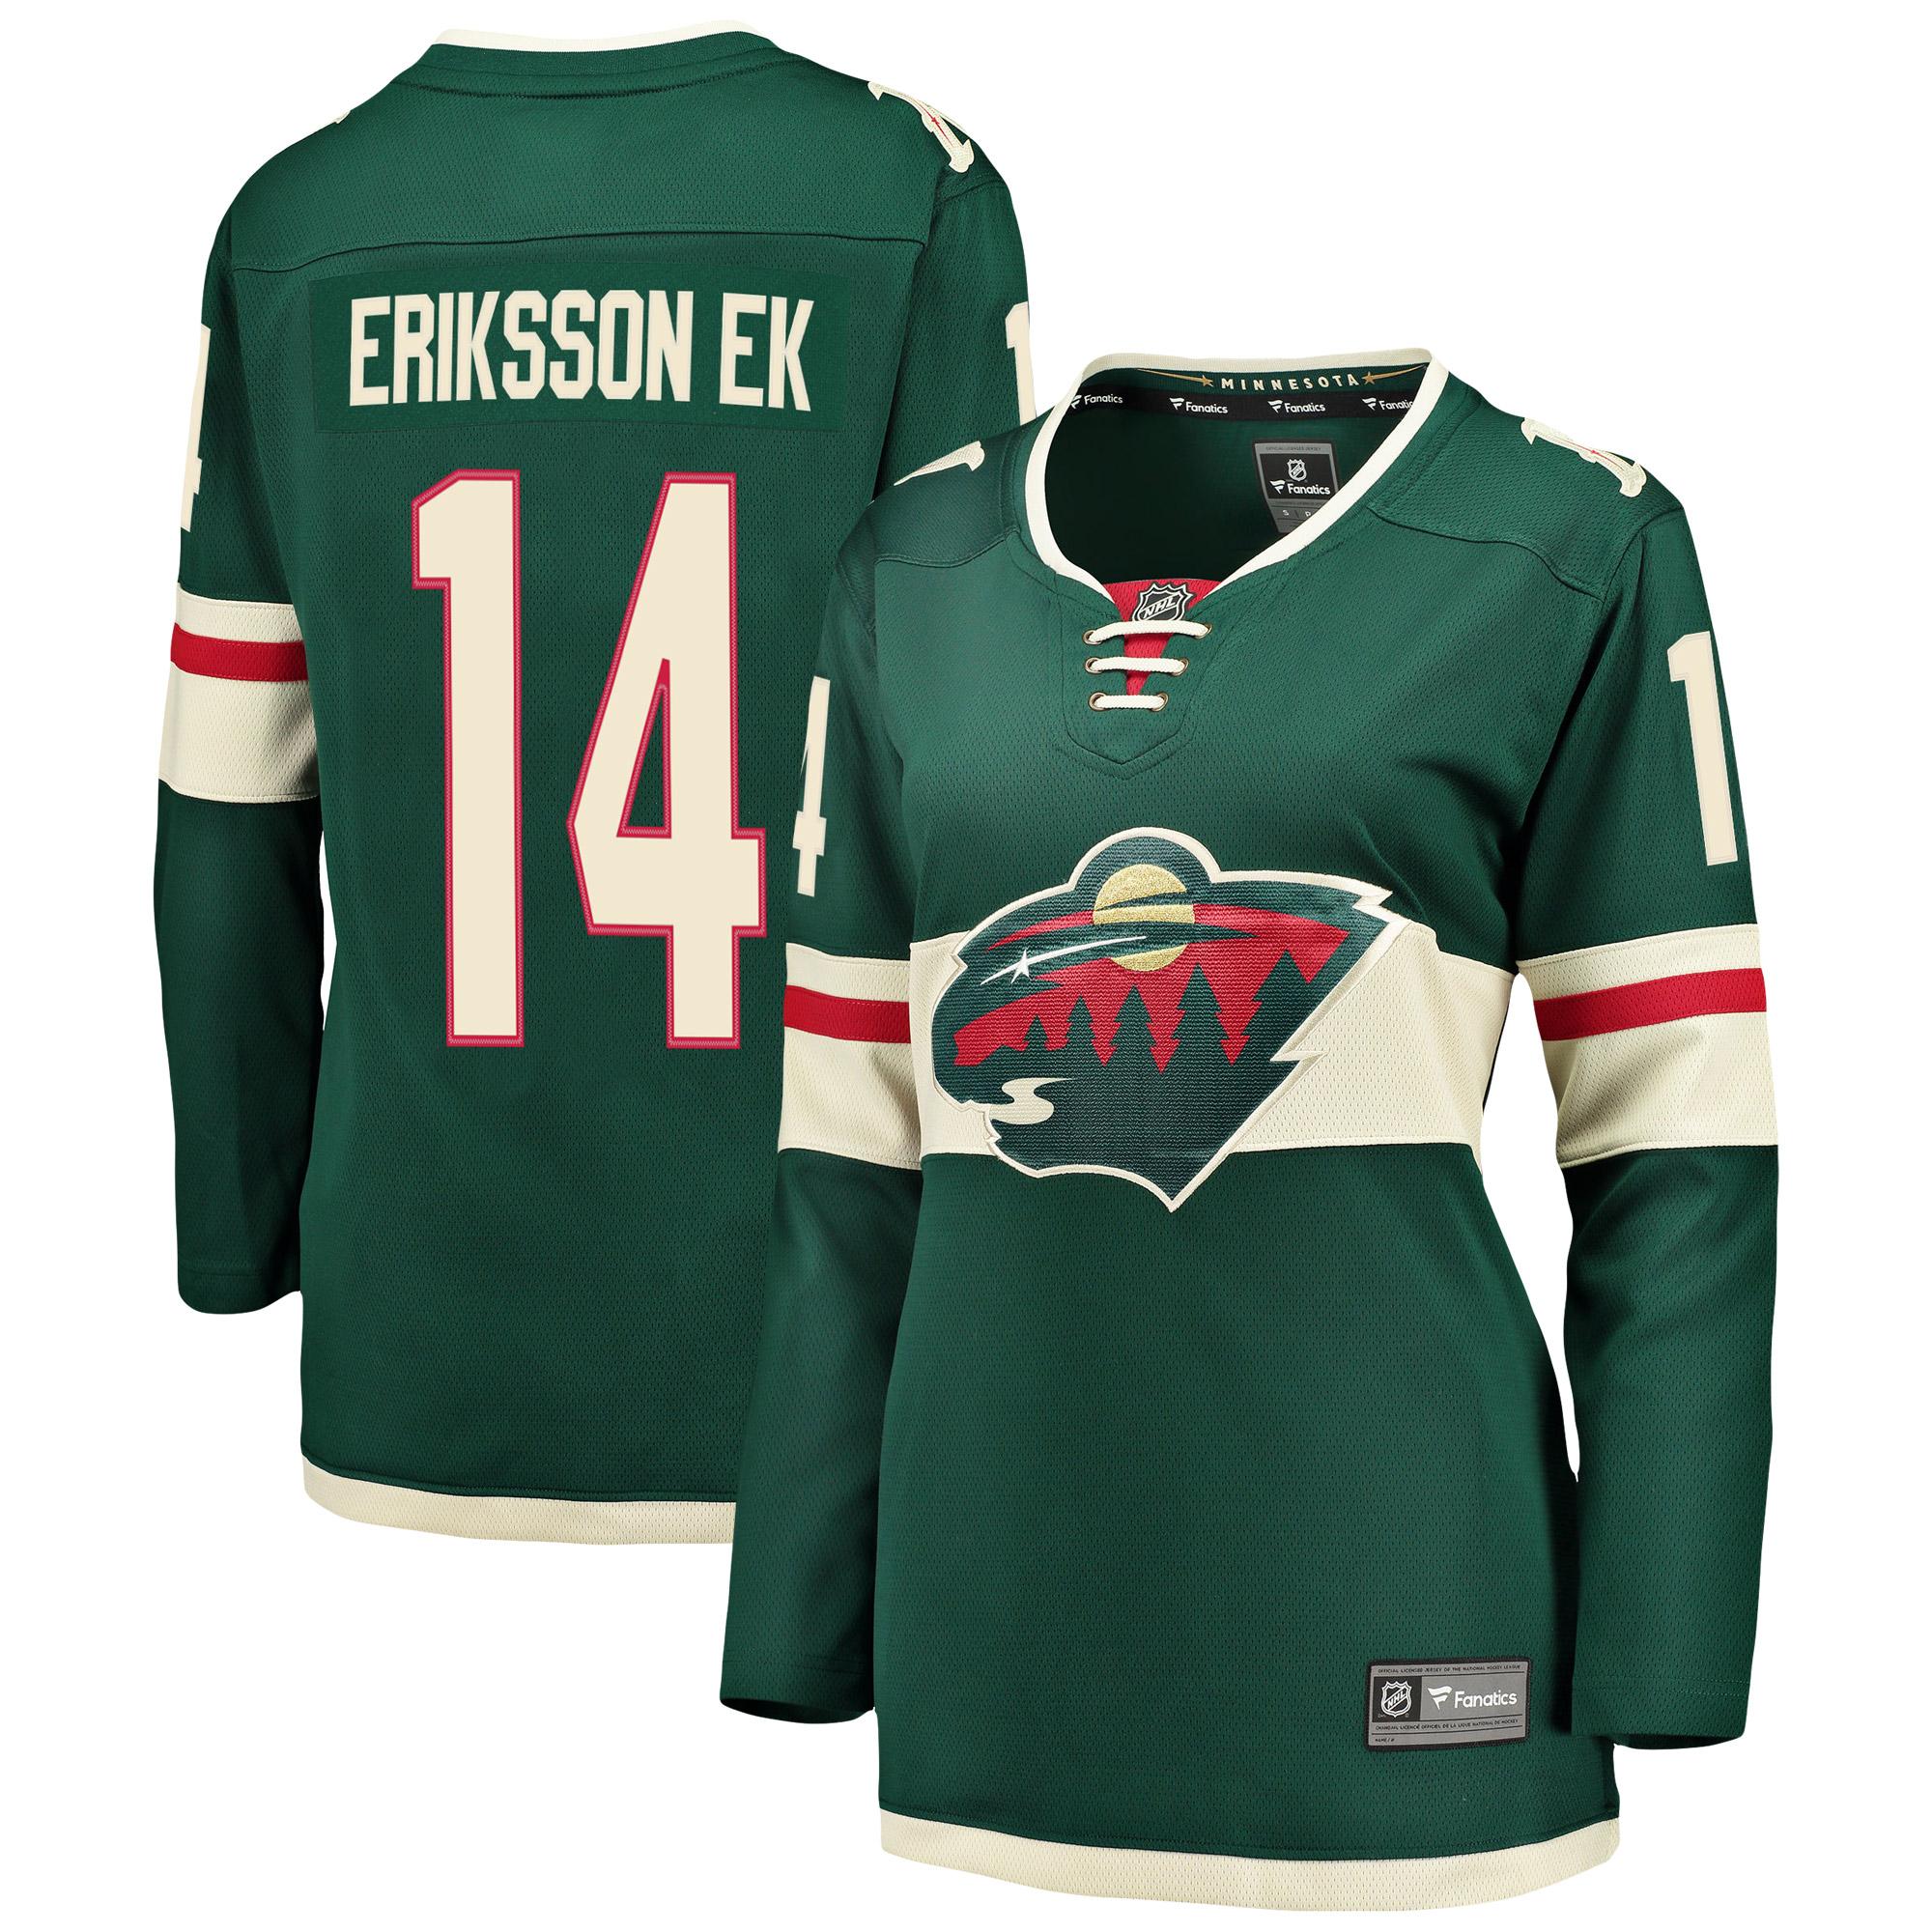 Joel Eriksson Ek Minnesota Wild Fanatics Branded Women's Breakaway Player Jersey - Green